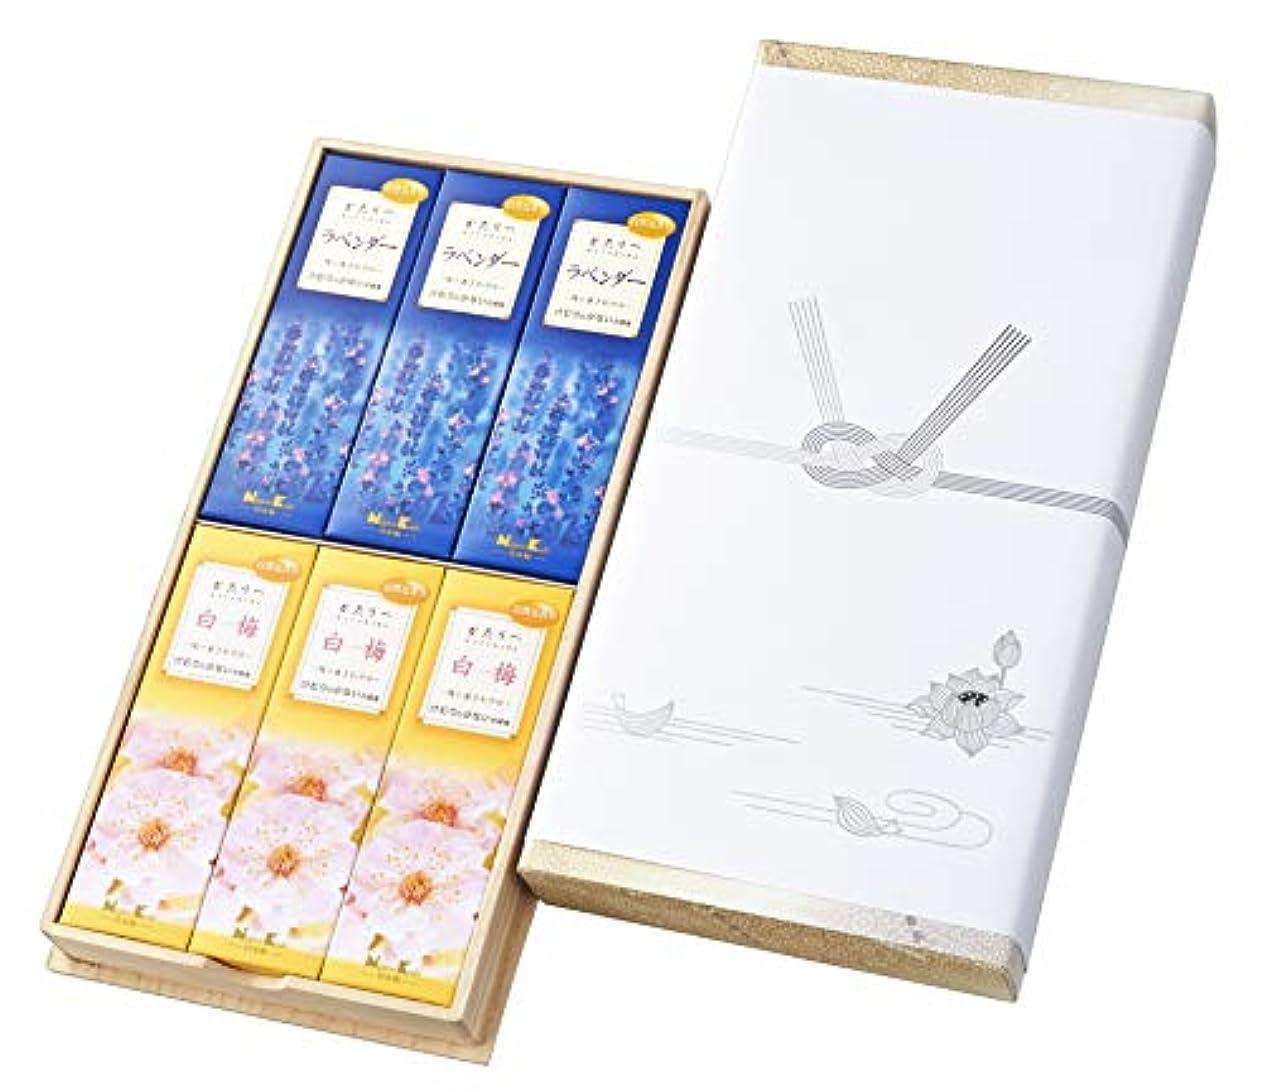 横銀かたりべ 桐箱 ラベンダー/白梅 サック6入 包装品